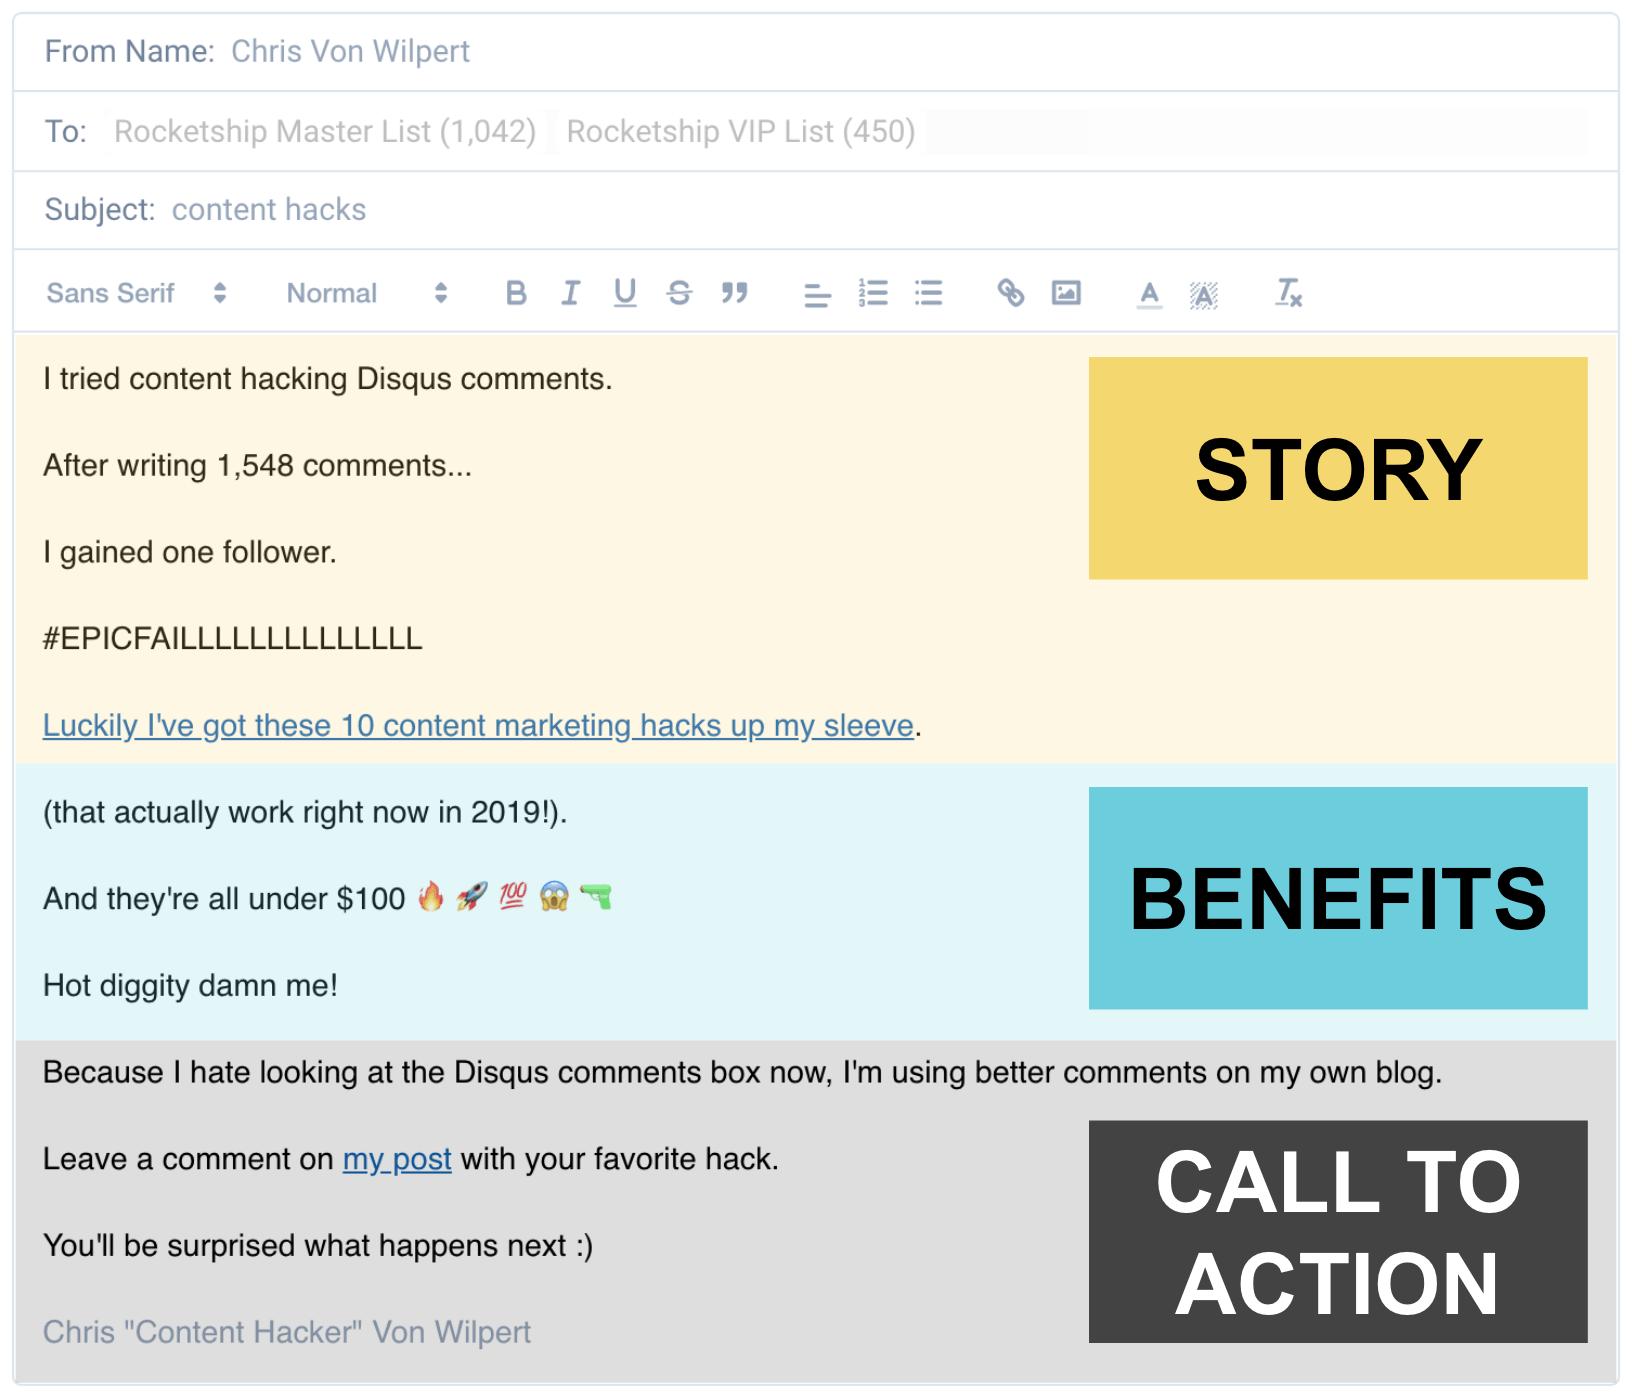 email formula image